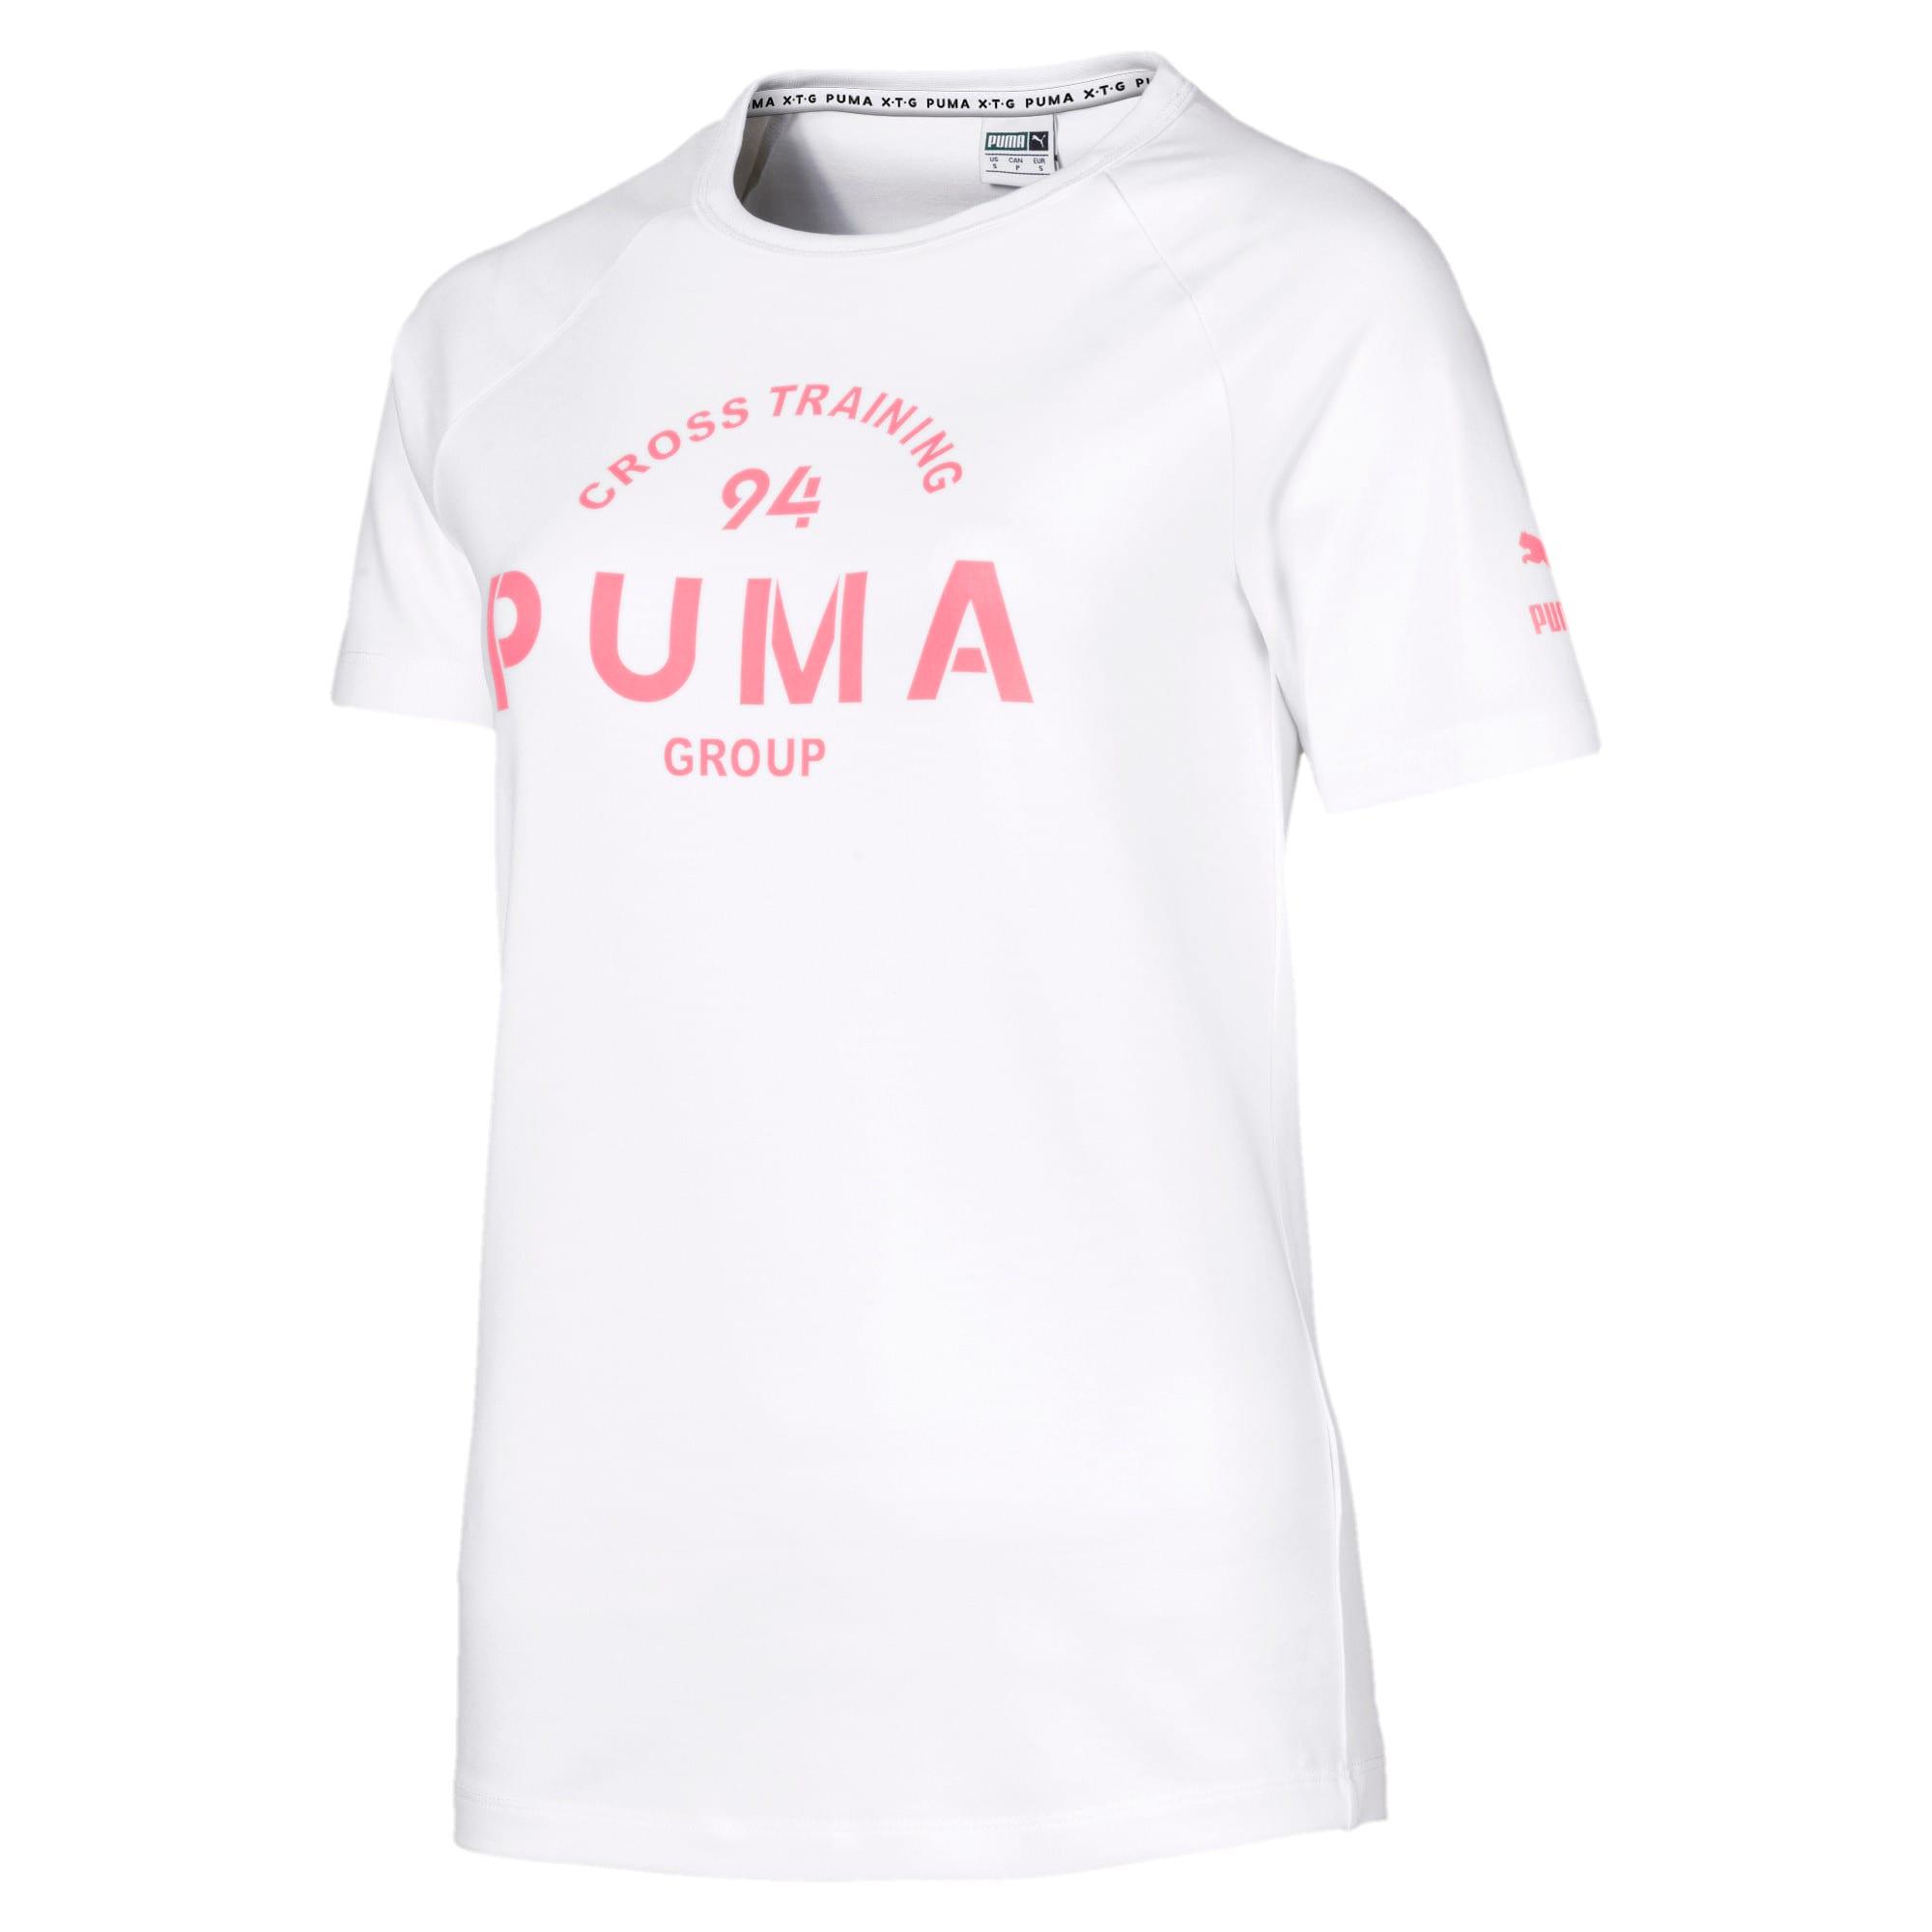 Thumbnail 1 of プーマ XTG ウィメンズ グラフィック SS Tシャツ 半袖, Puma White, medium-JPN